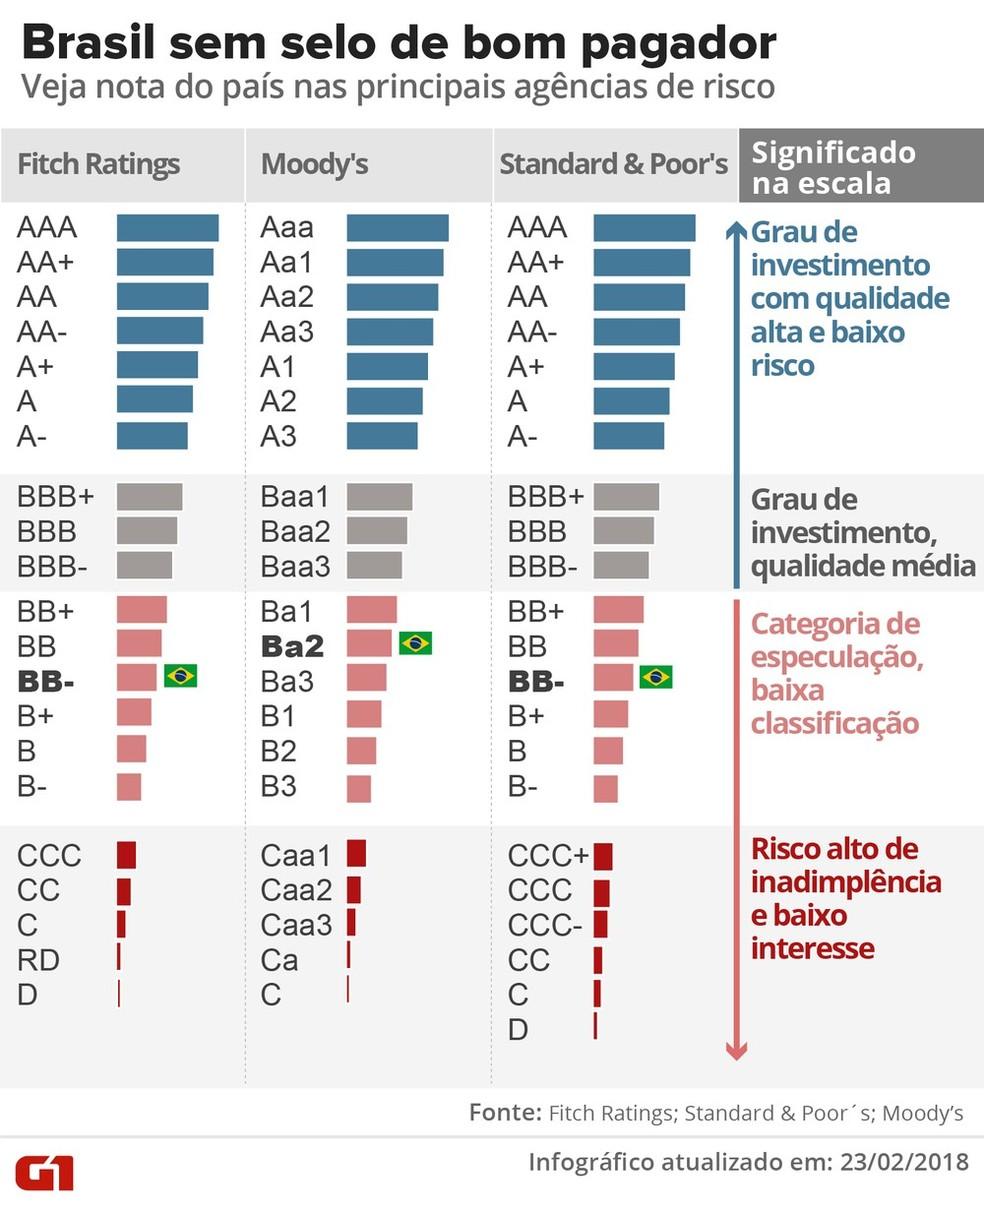 Brasil ainda segue distante do grau de investimento — Foto: Infográfico G1